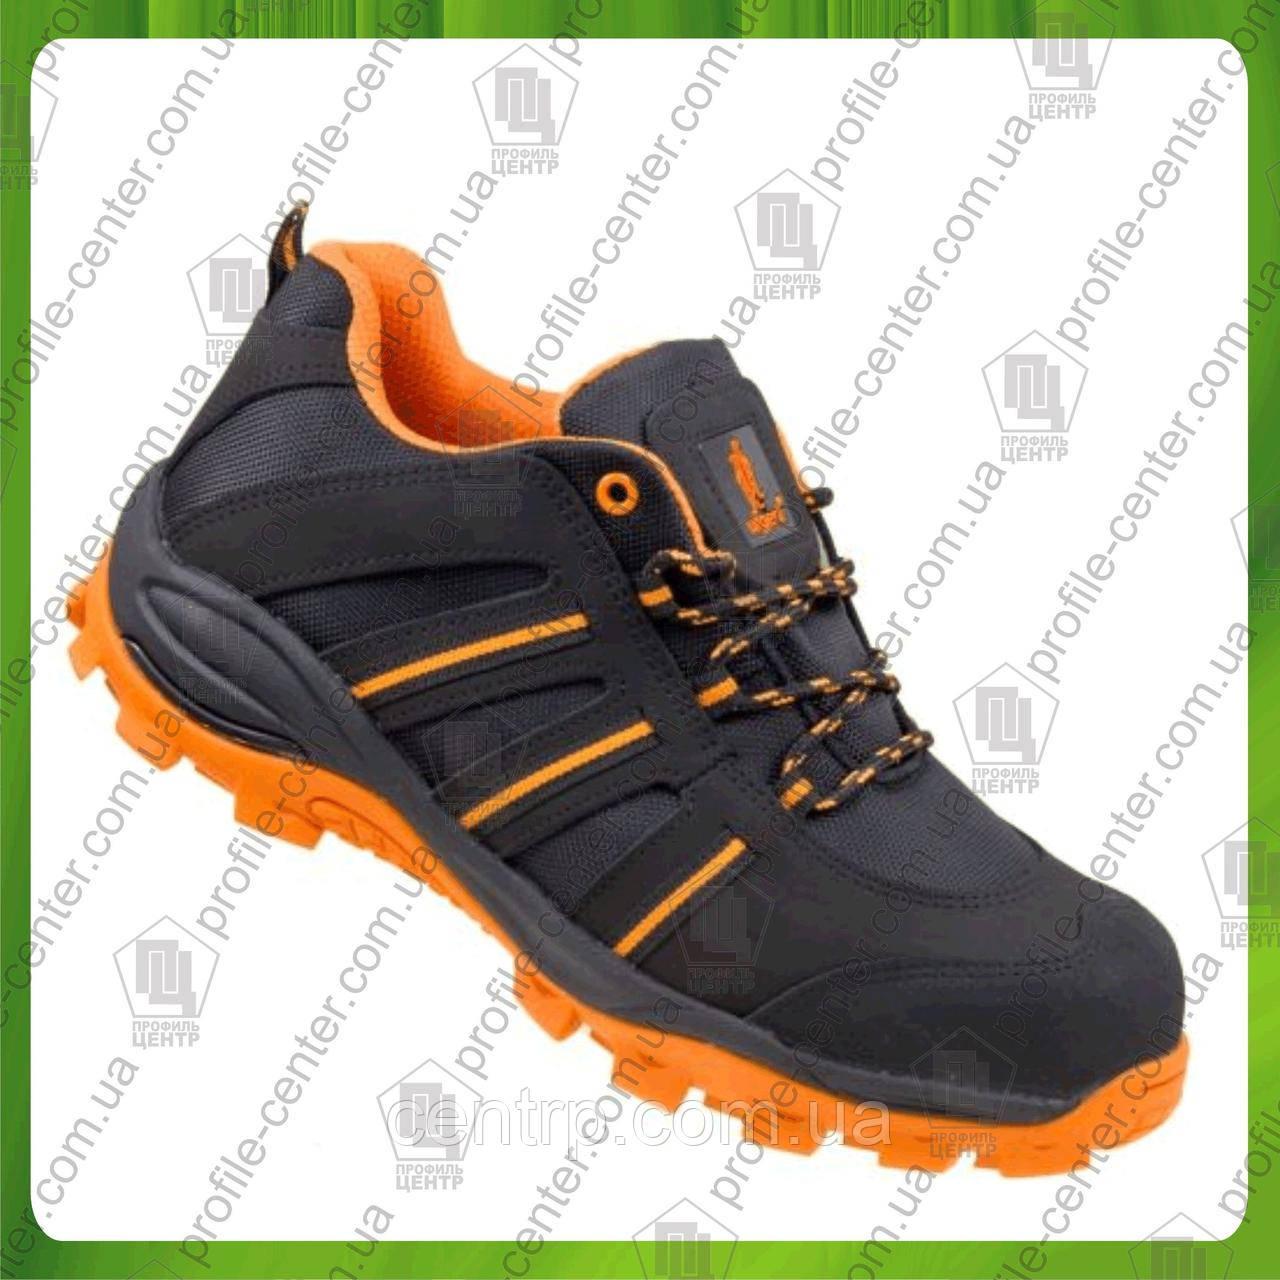 Туфли рабочие кожаные с металлическим носком URGENT 261 S1 (текстиль+натур.нубук)